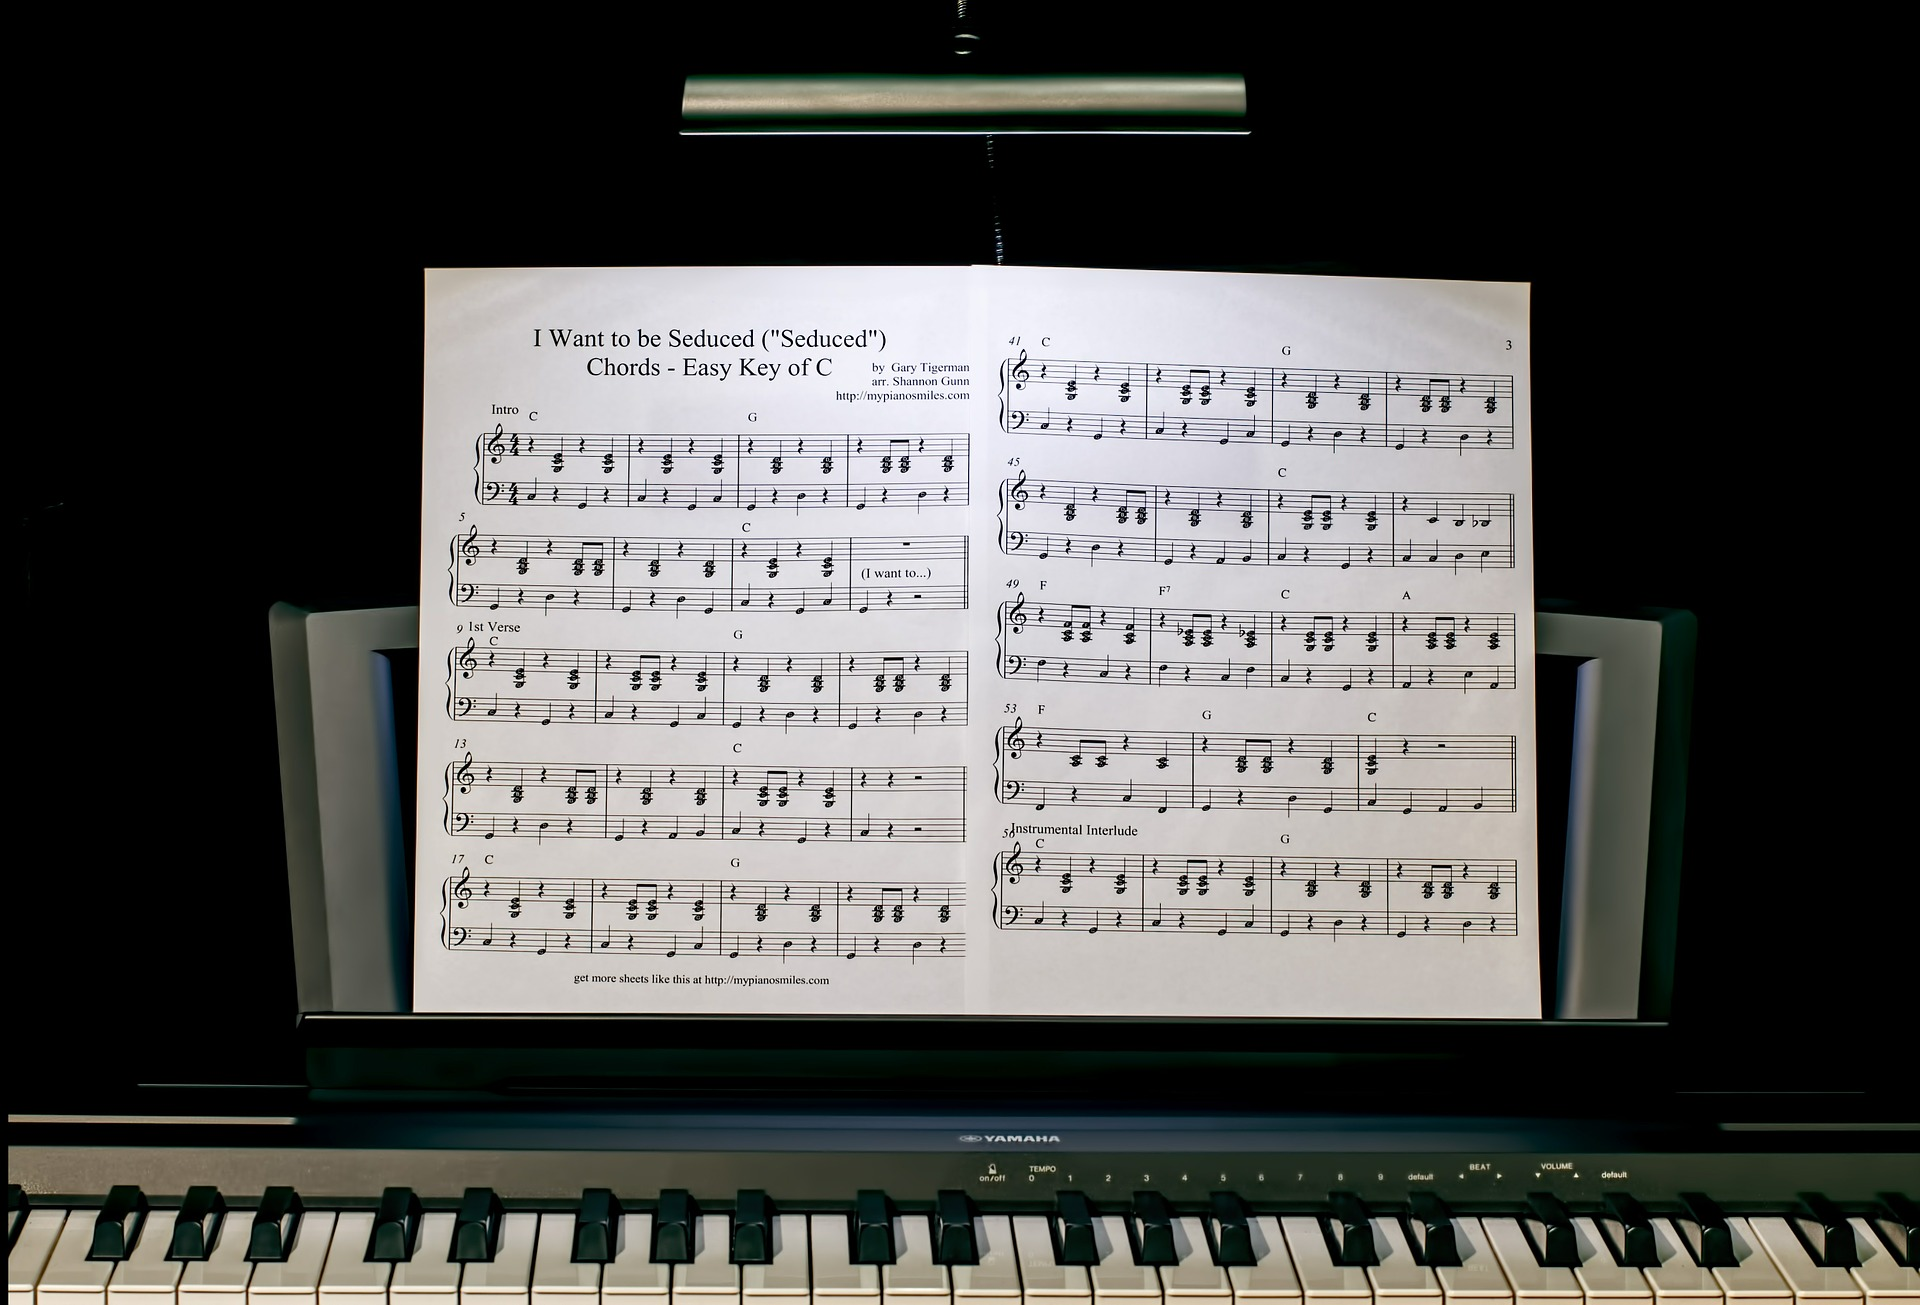 Apprendre à faire de la musique.